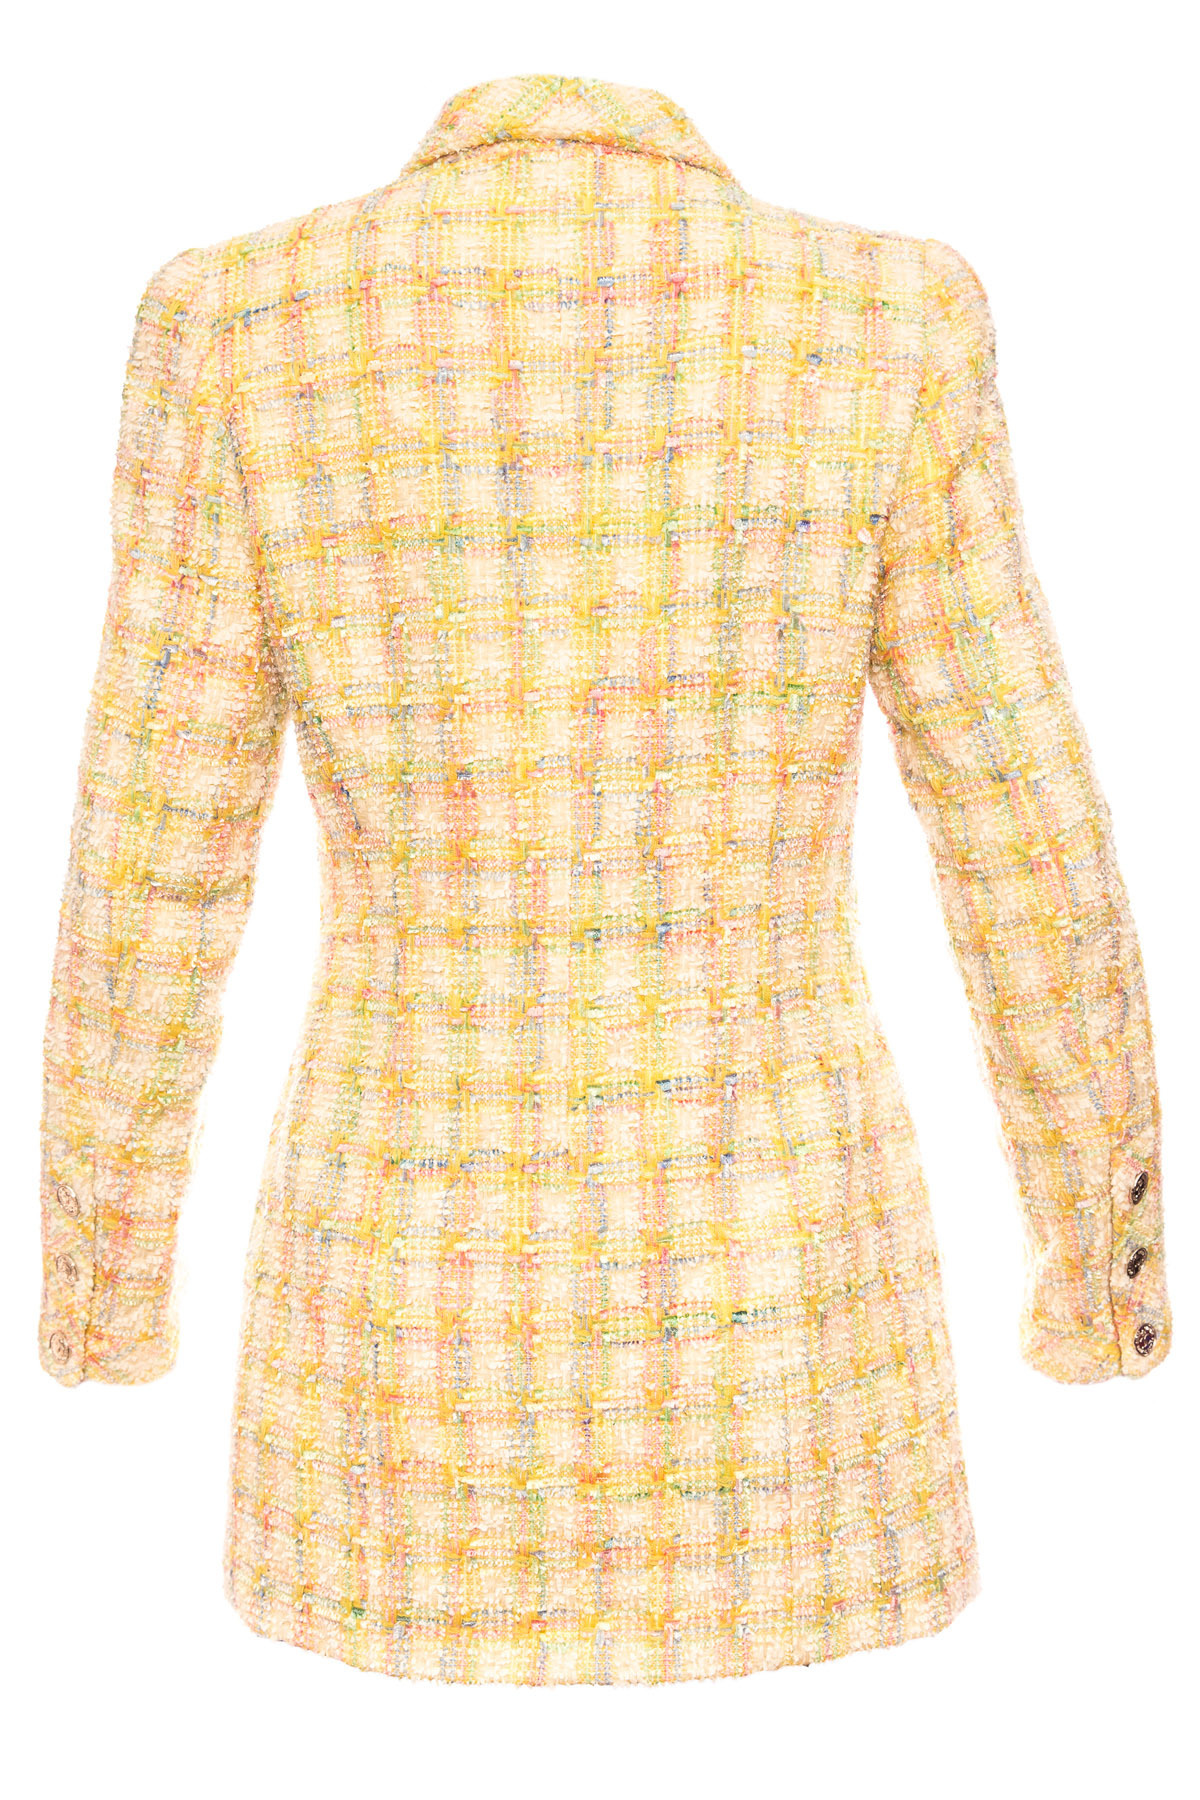 Стильный твидовый пиджак в клетку от Chanel, 40 размер